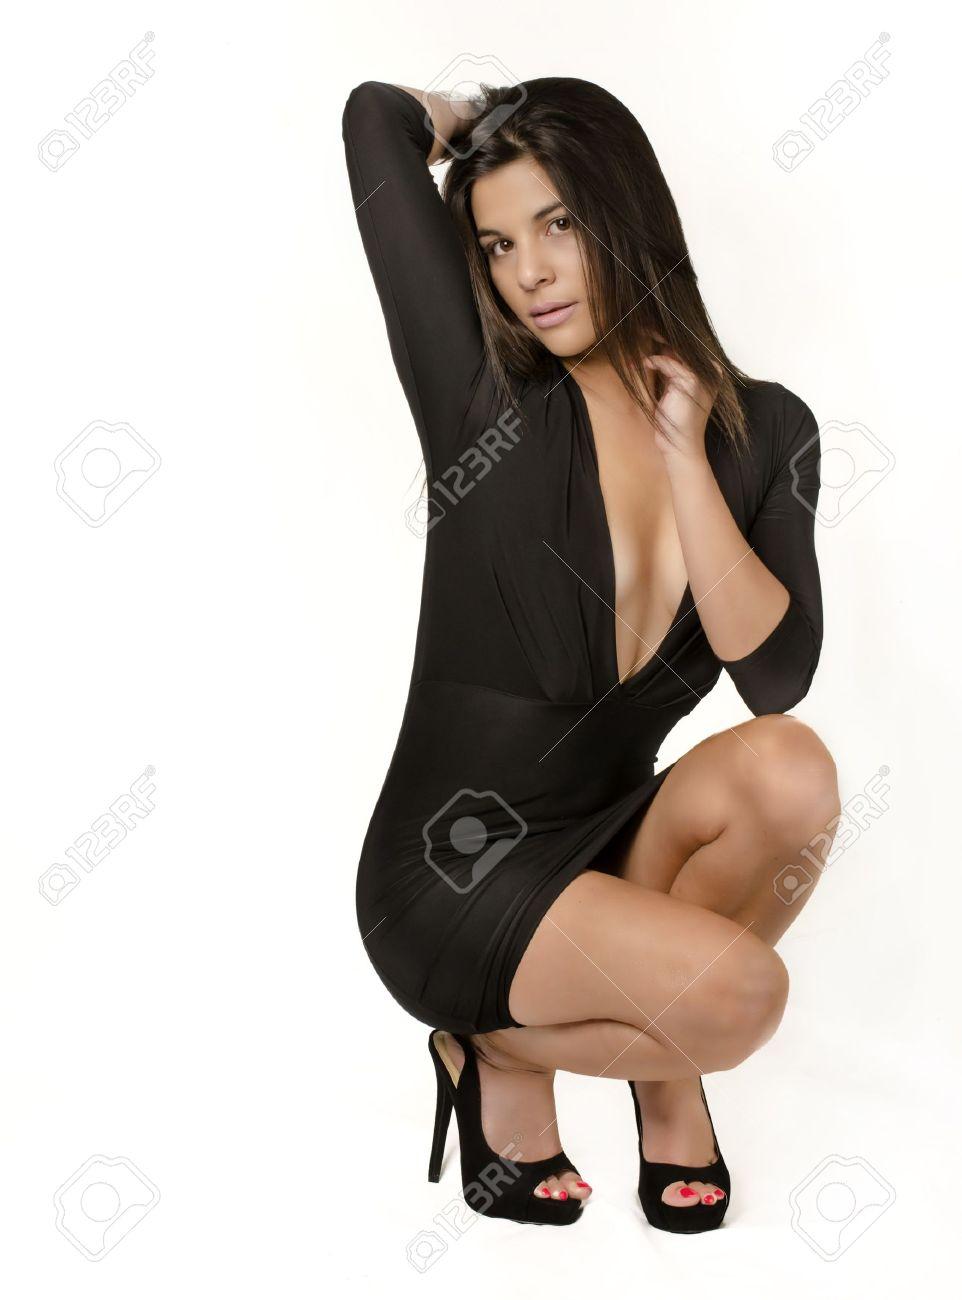 Black dress woman - Beautiful Young Woman Wearing Black Dress Stock Photo 21533375